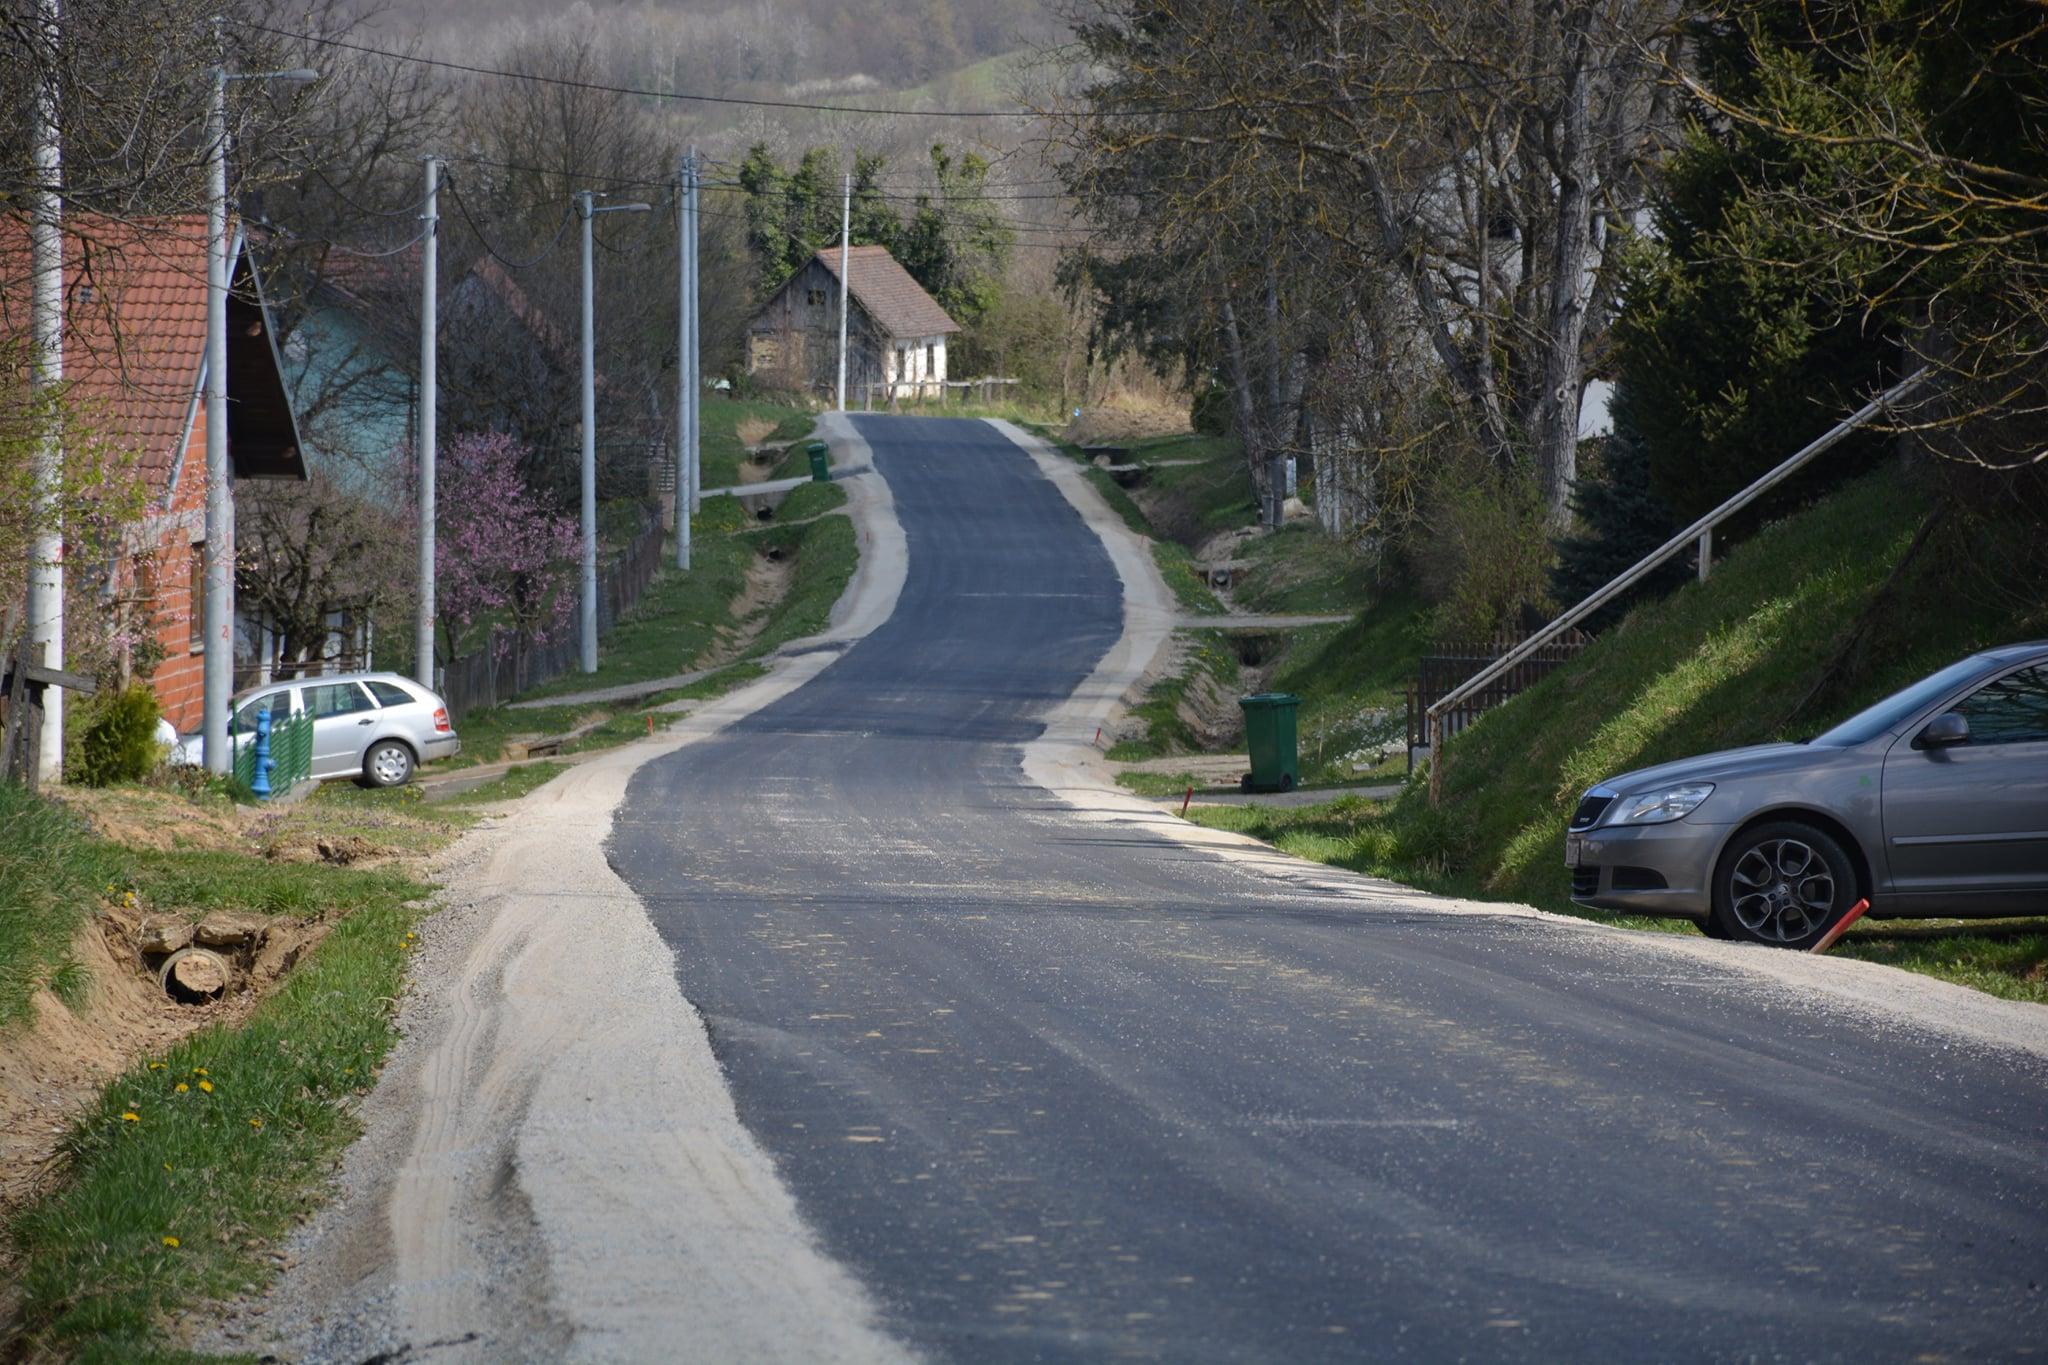 Asfalt je u maleno moslavačko selo privukao nove stanovnike